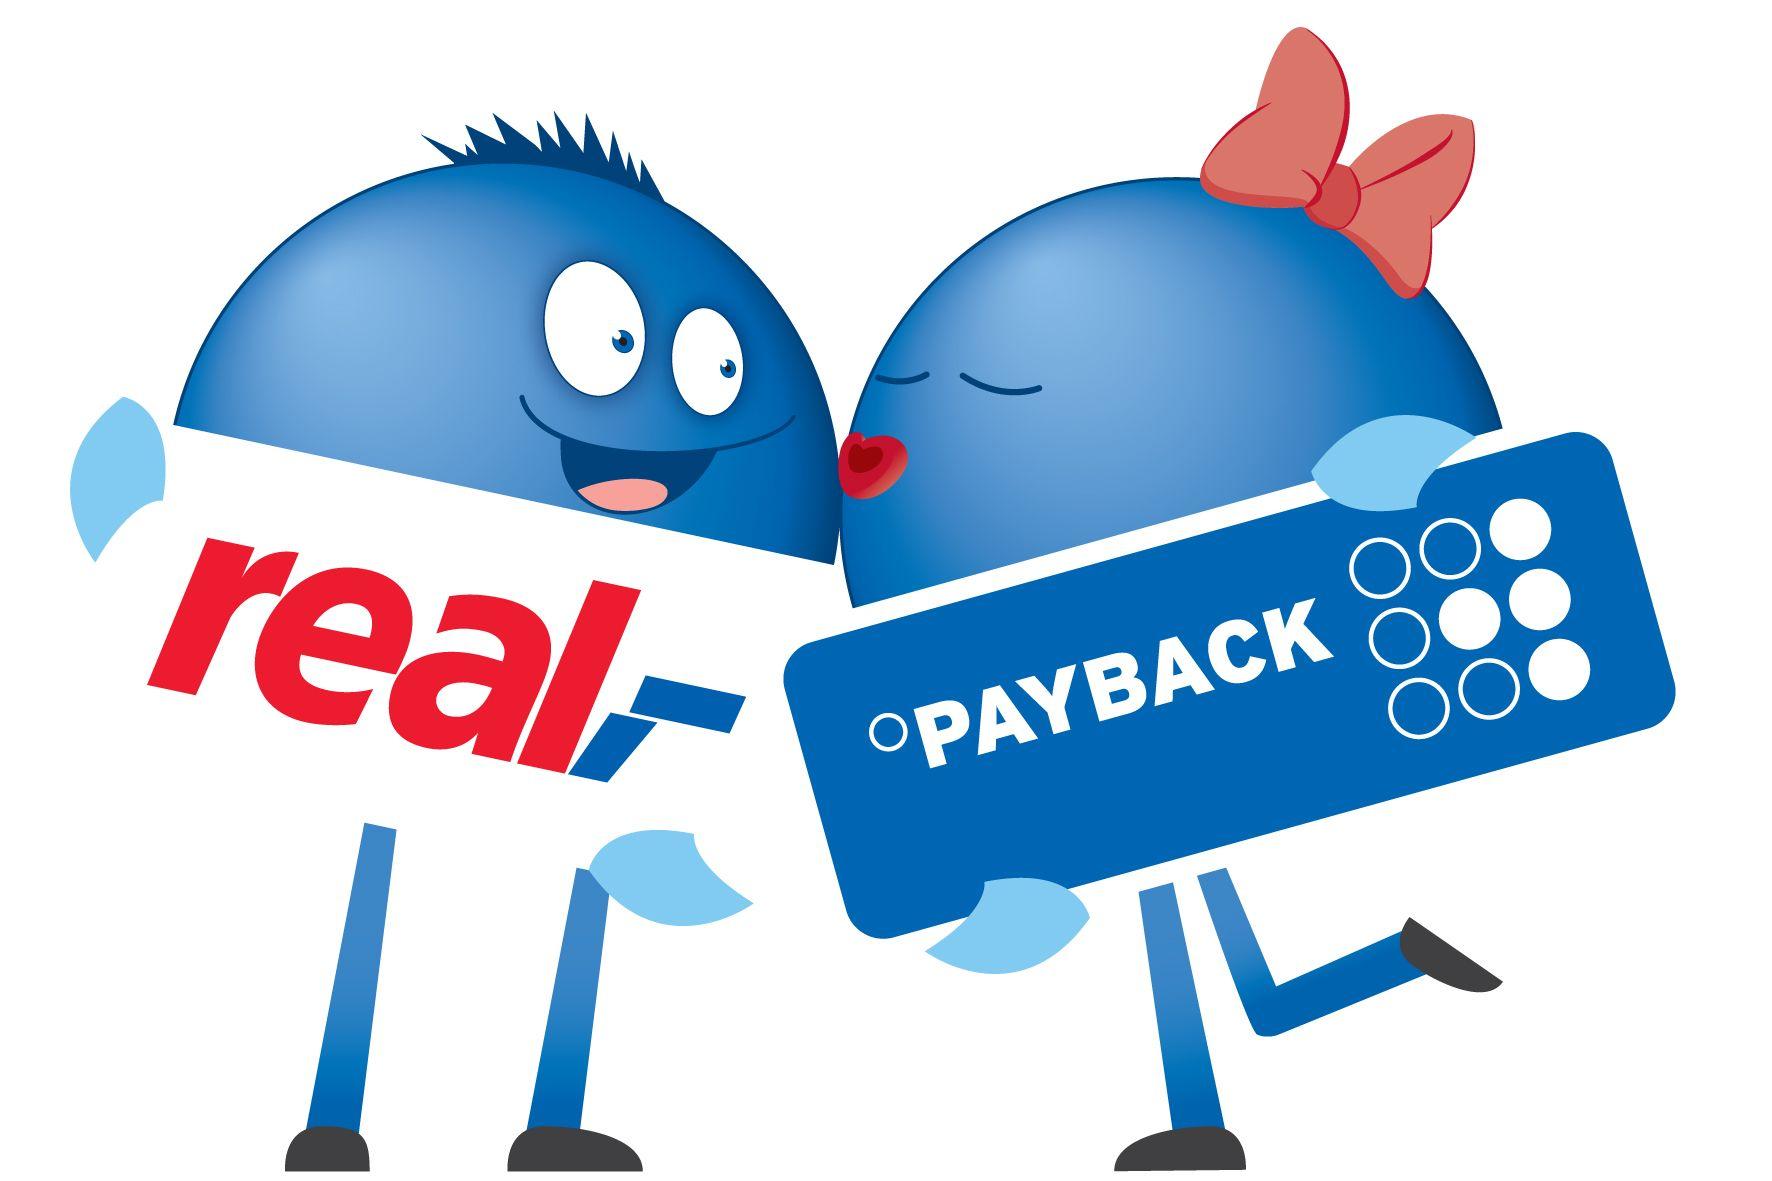 Payback Punkte Prämien : real 10 fach payback punkte ~ A.2002-acura-tl-radio.info Haus und Dekorationen